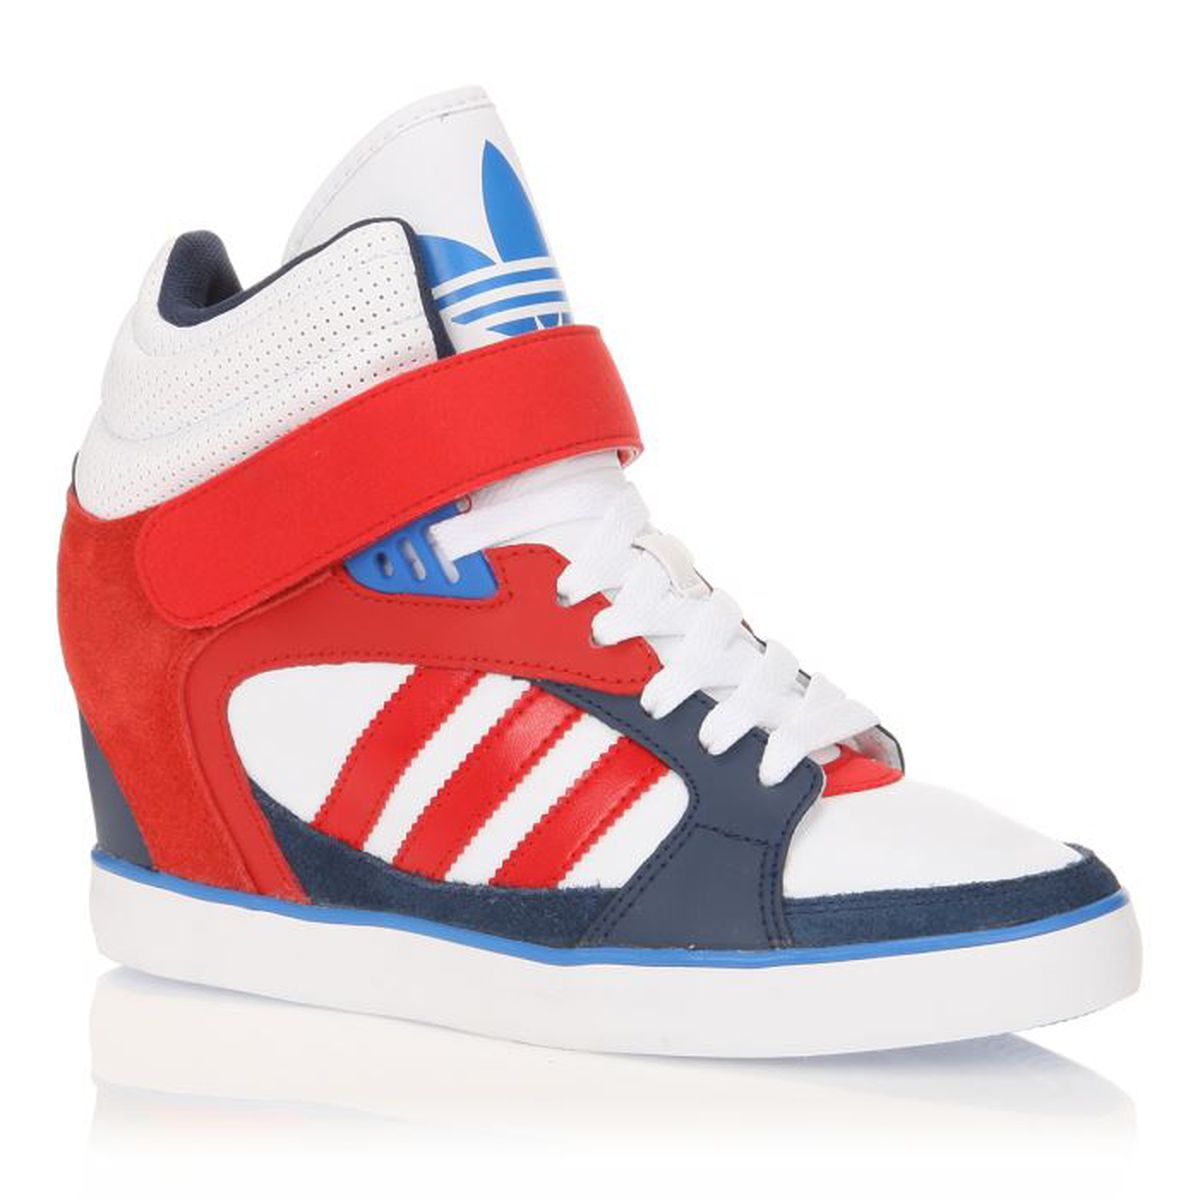 8023d1ad8032 ADIDAS Baskets Cuir Amberlight HEEL W Femme Bleu / Blanc / Rouge ...